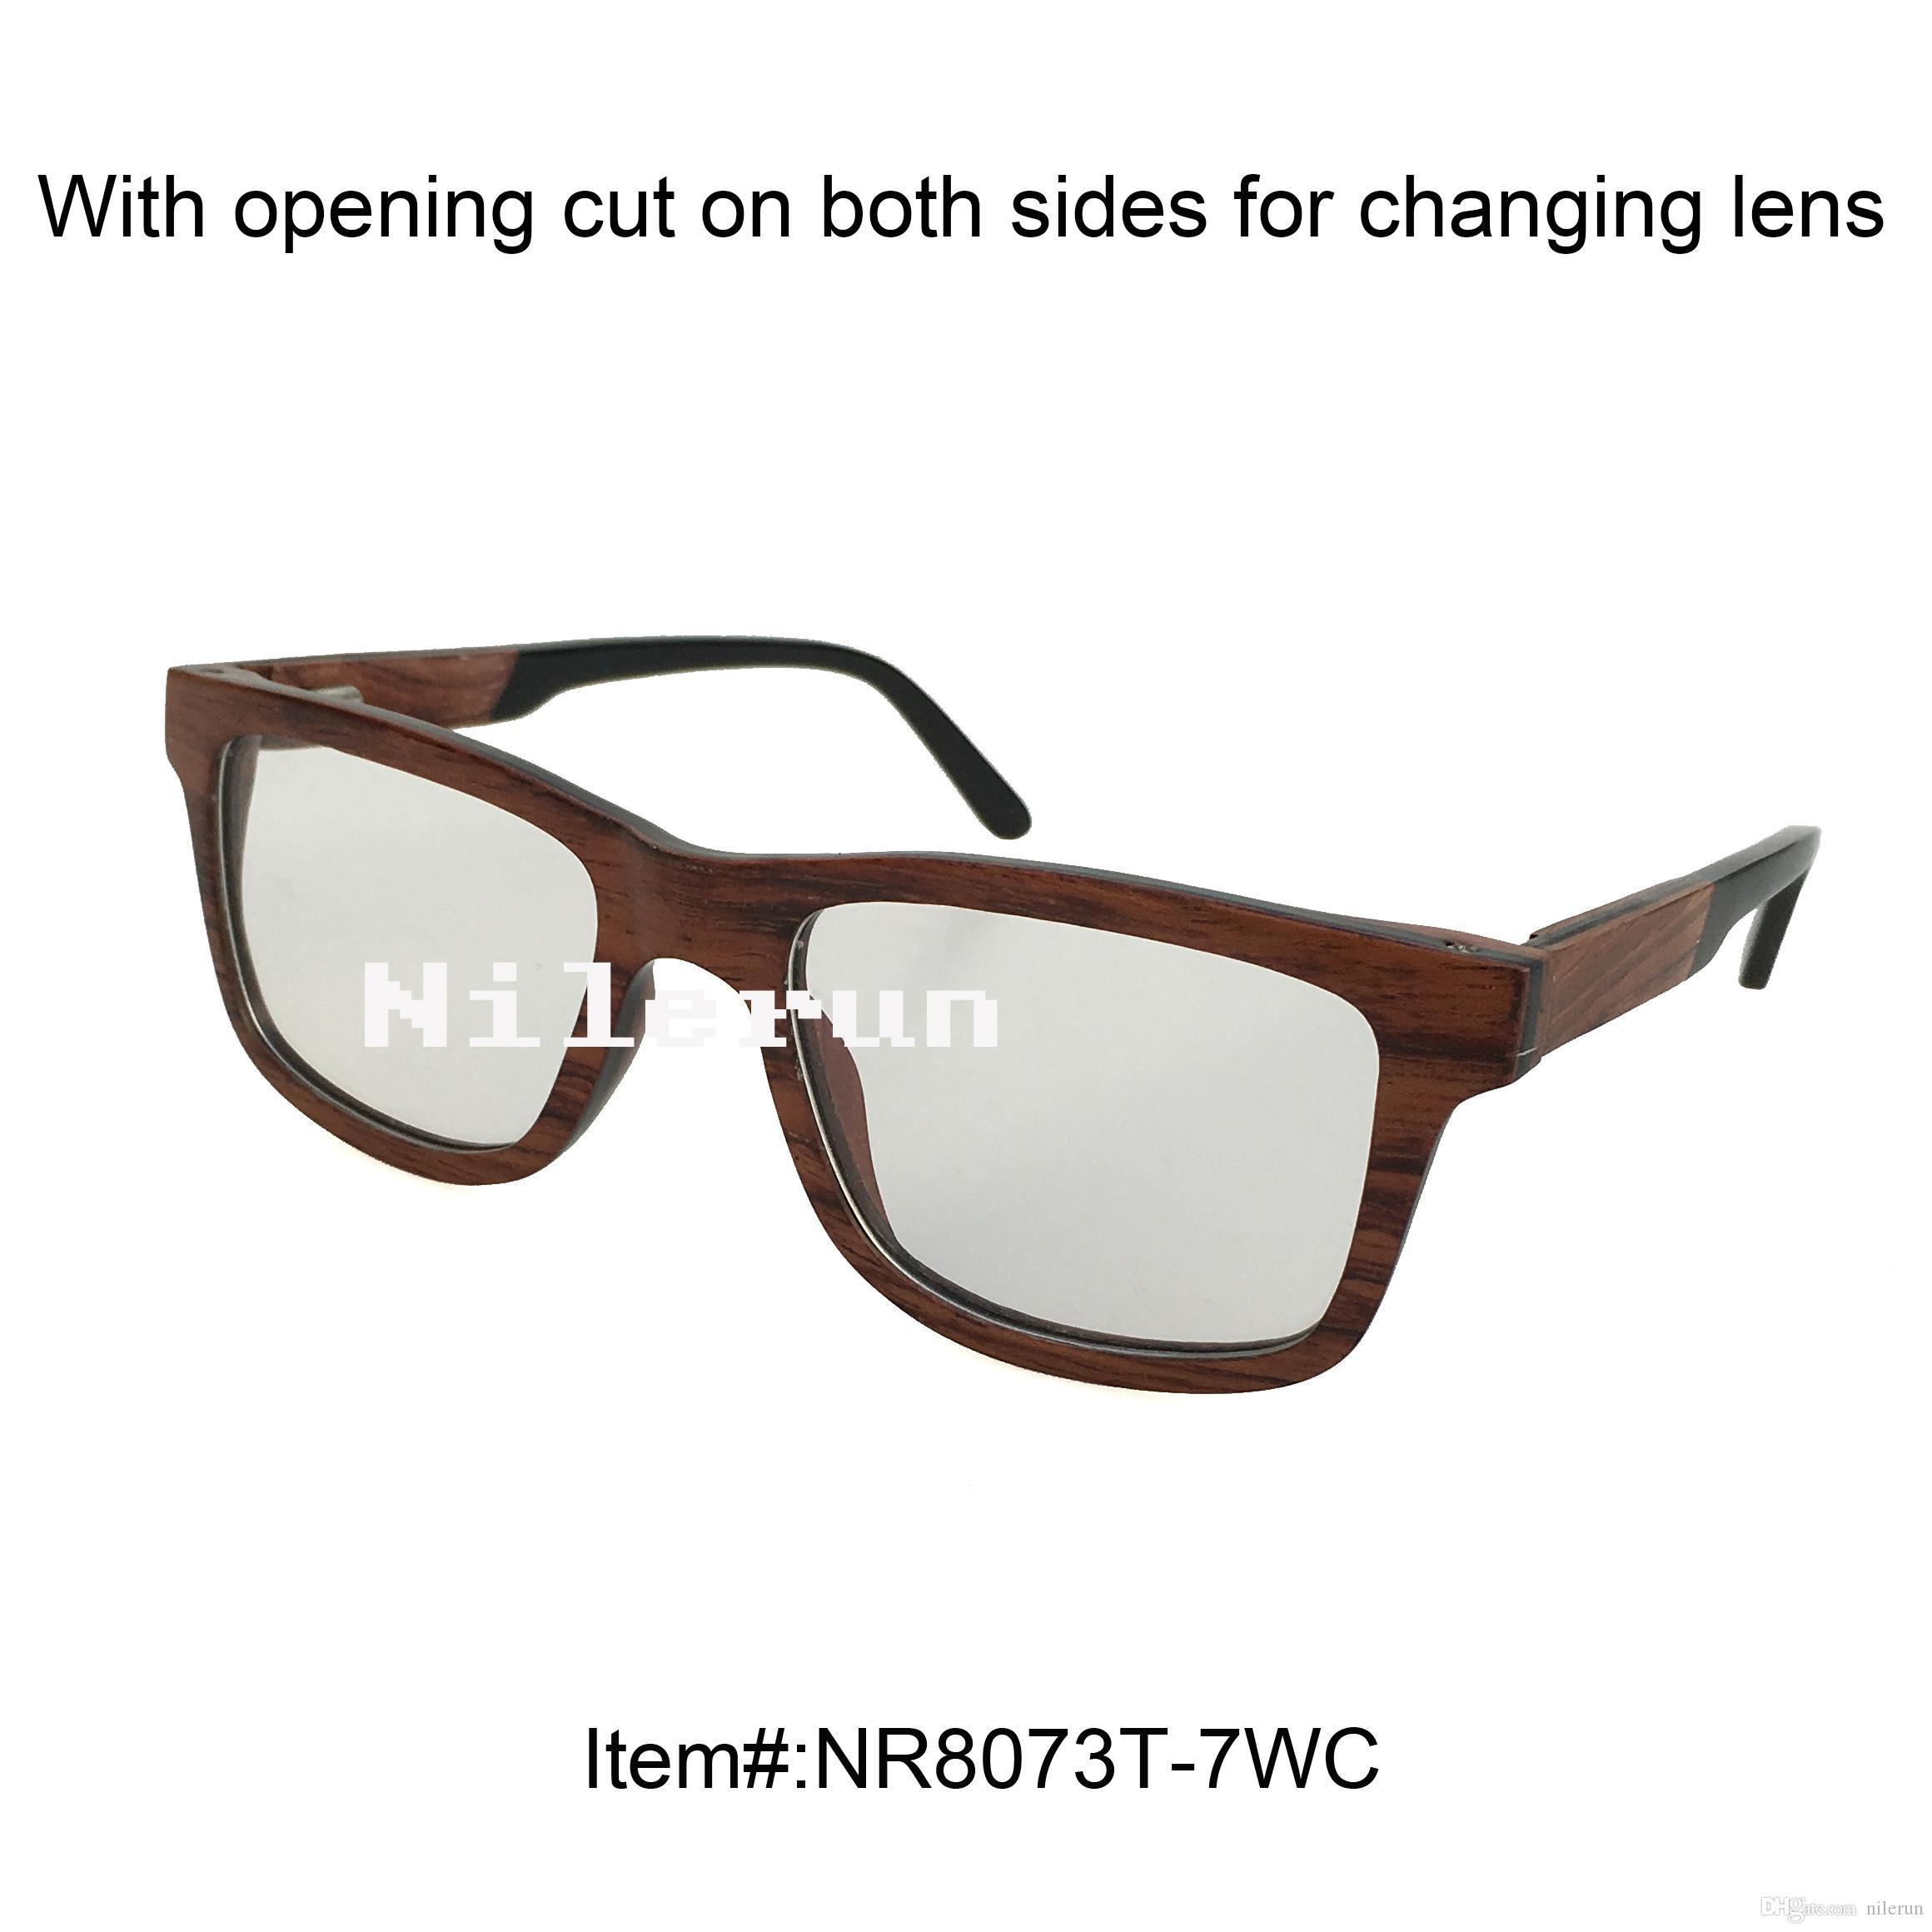 Yüksek kaliteli unisex erkekler kadın asetat tapınak ipuçları ve açılış kesim ile gül ahşap optik gözlük